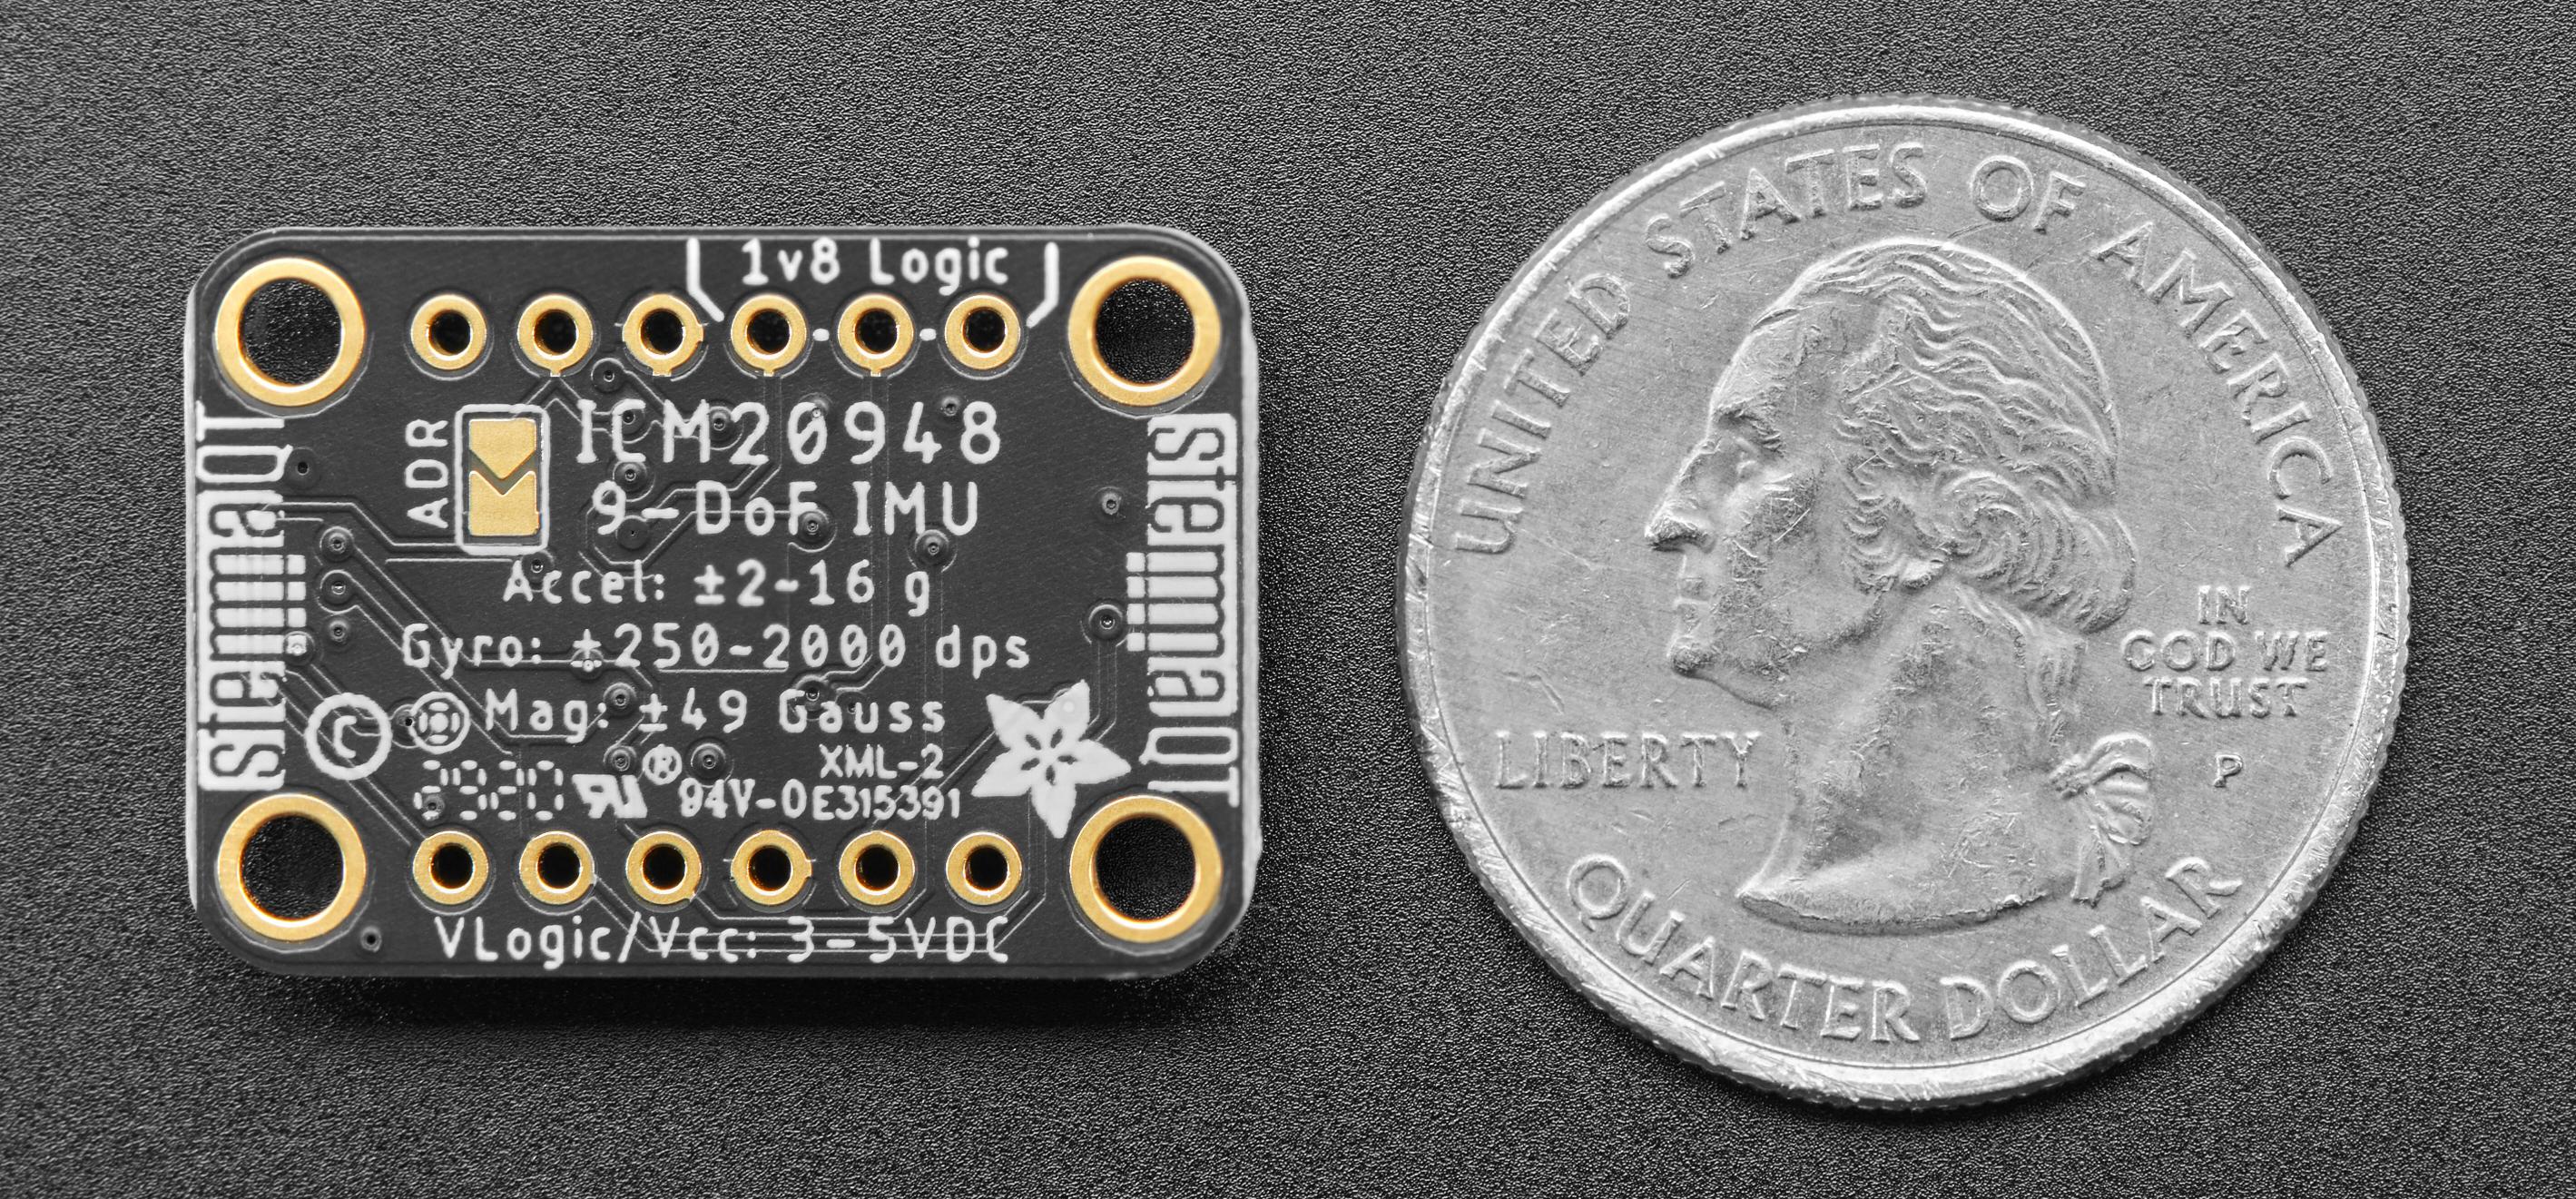 sensors_edit4554_quarter_ORIG_2020_08.png